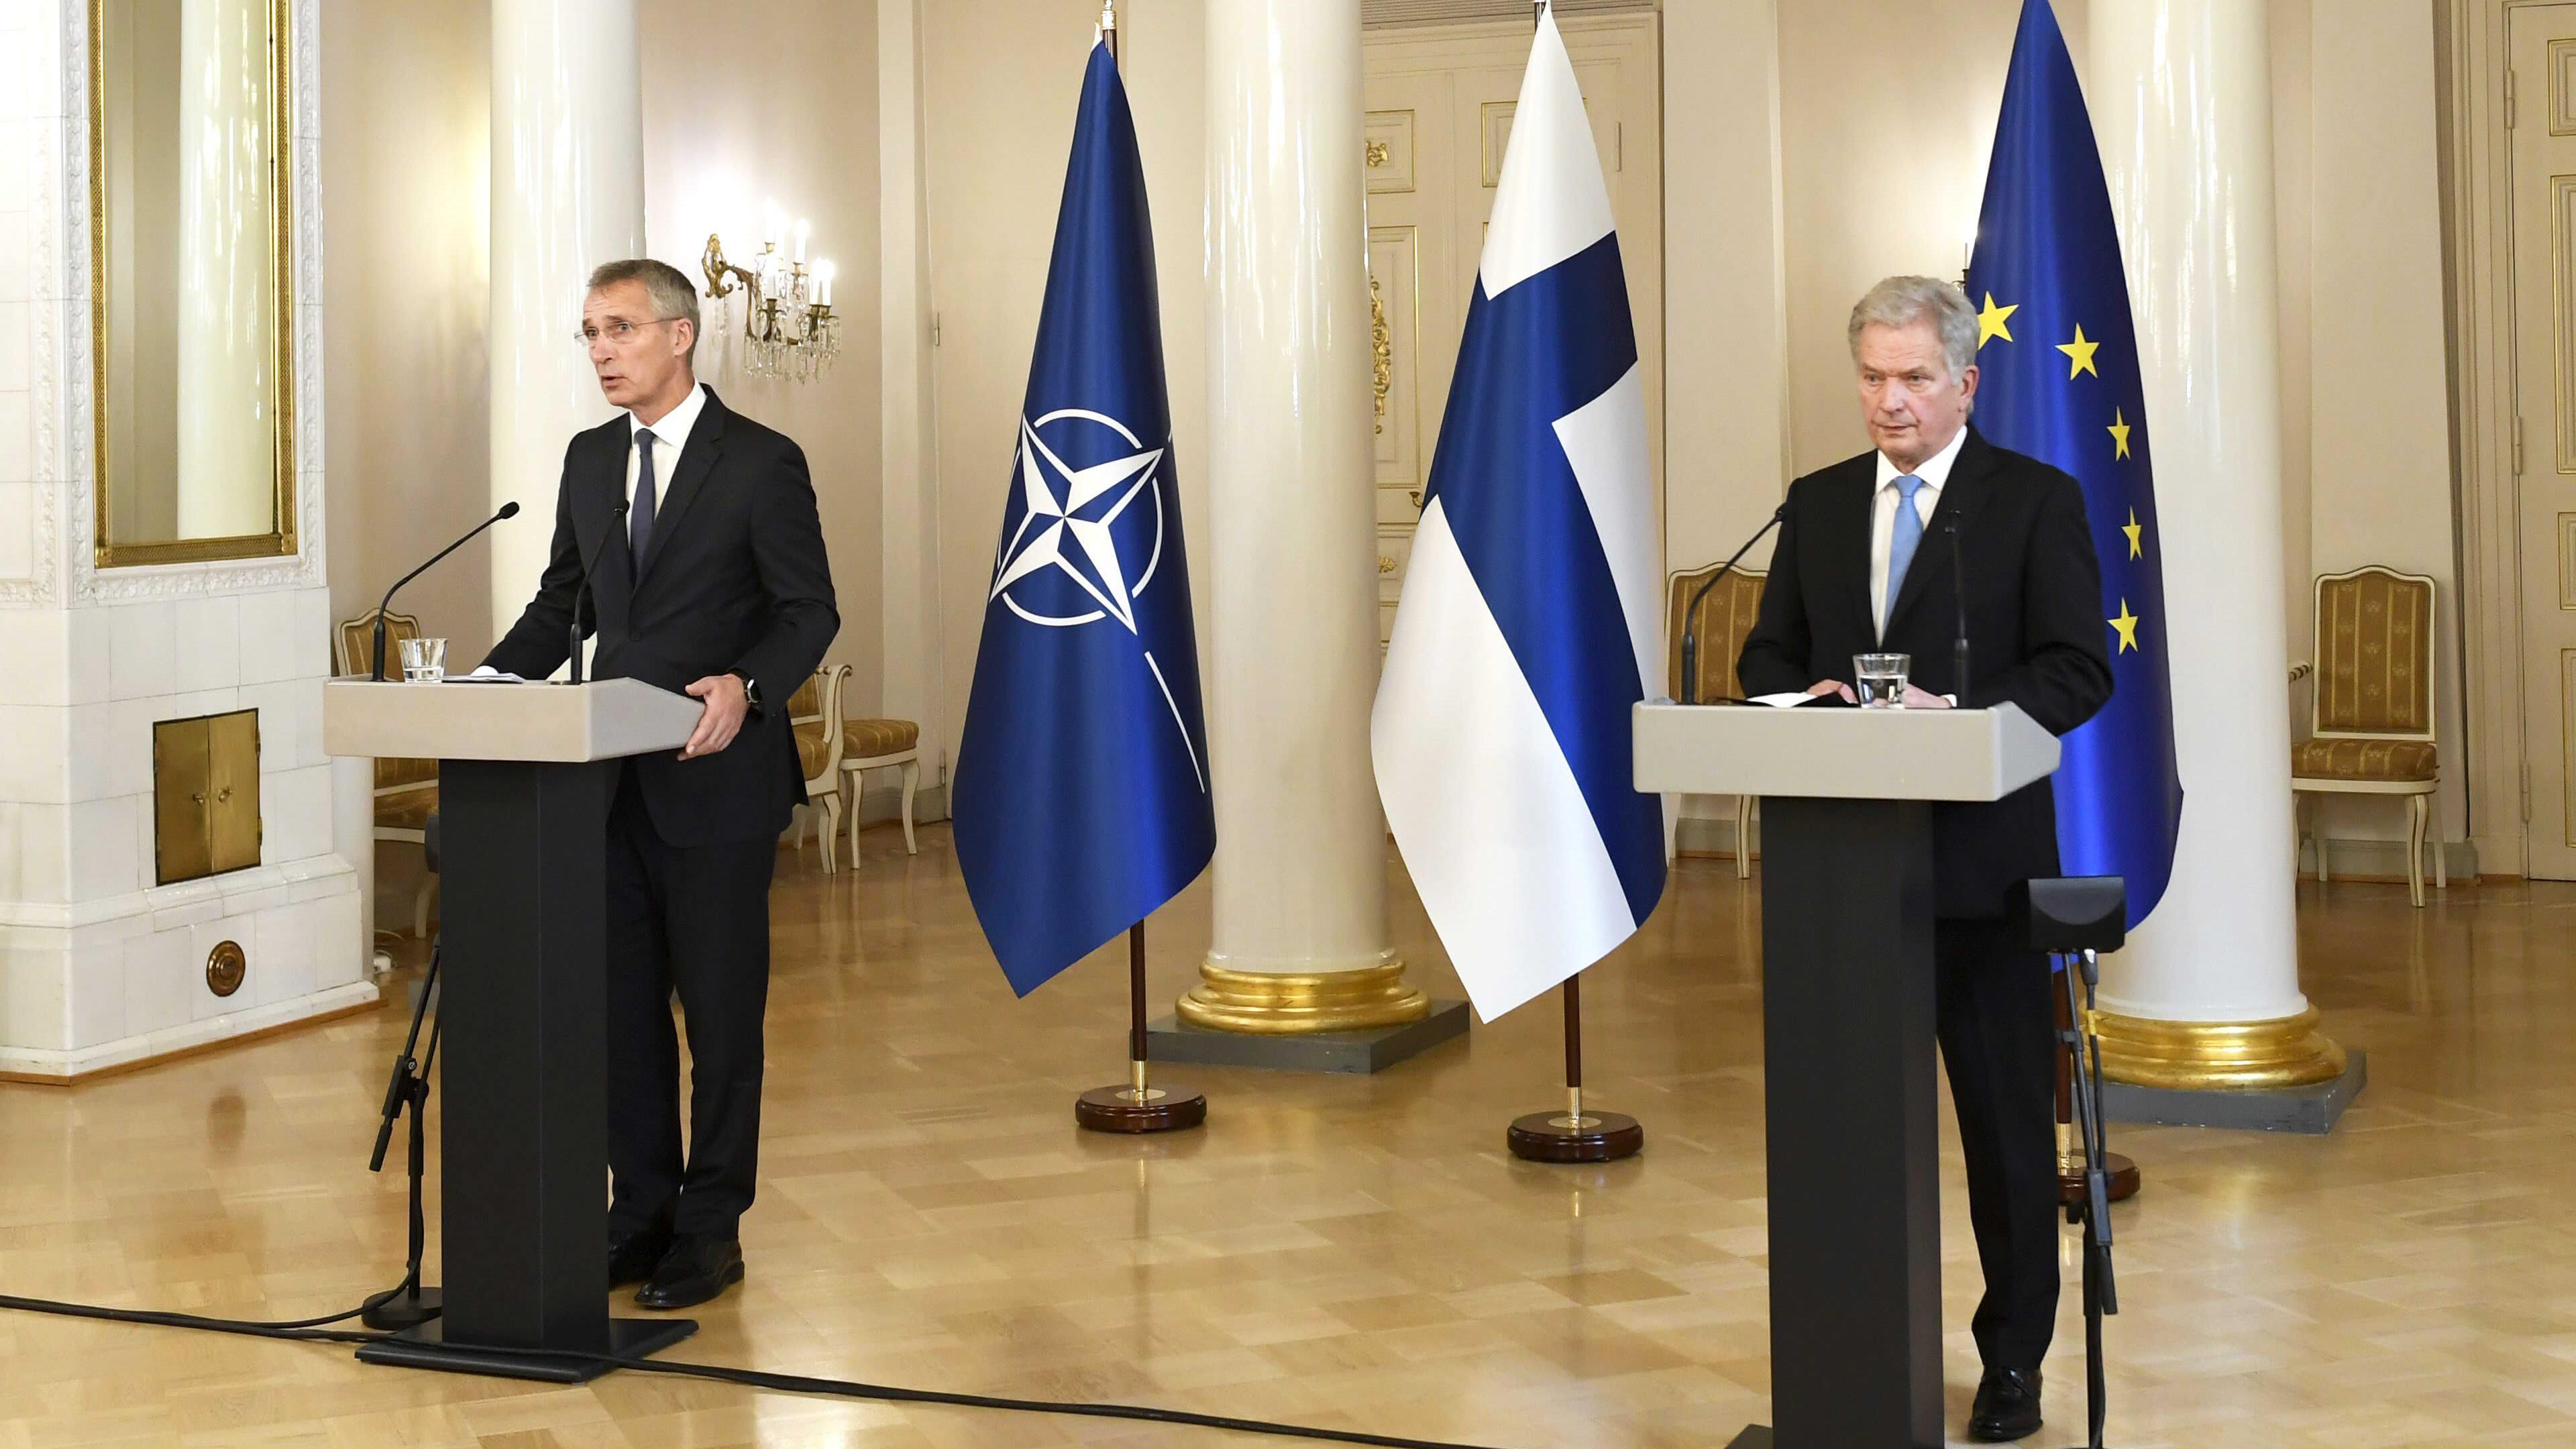 Tasavallan presidentin Sauli Niinistön ja Naton pääsihteerin Jens Stoltenbergin yhteinen lehdistötilaisuus